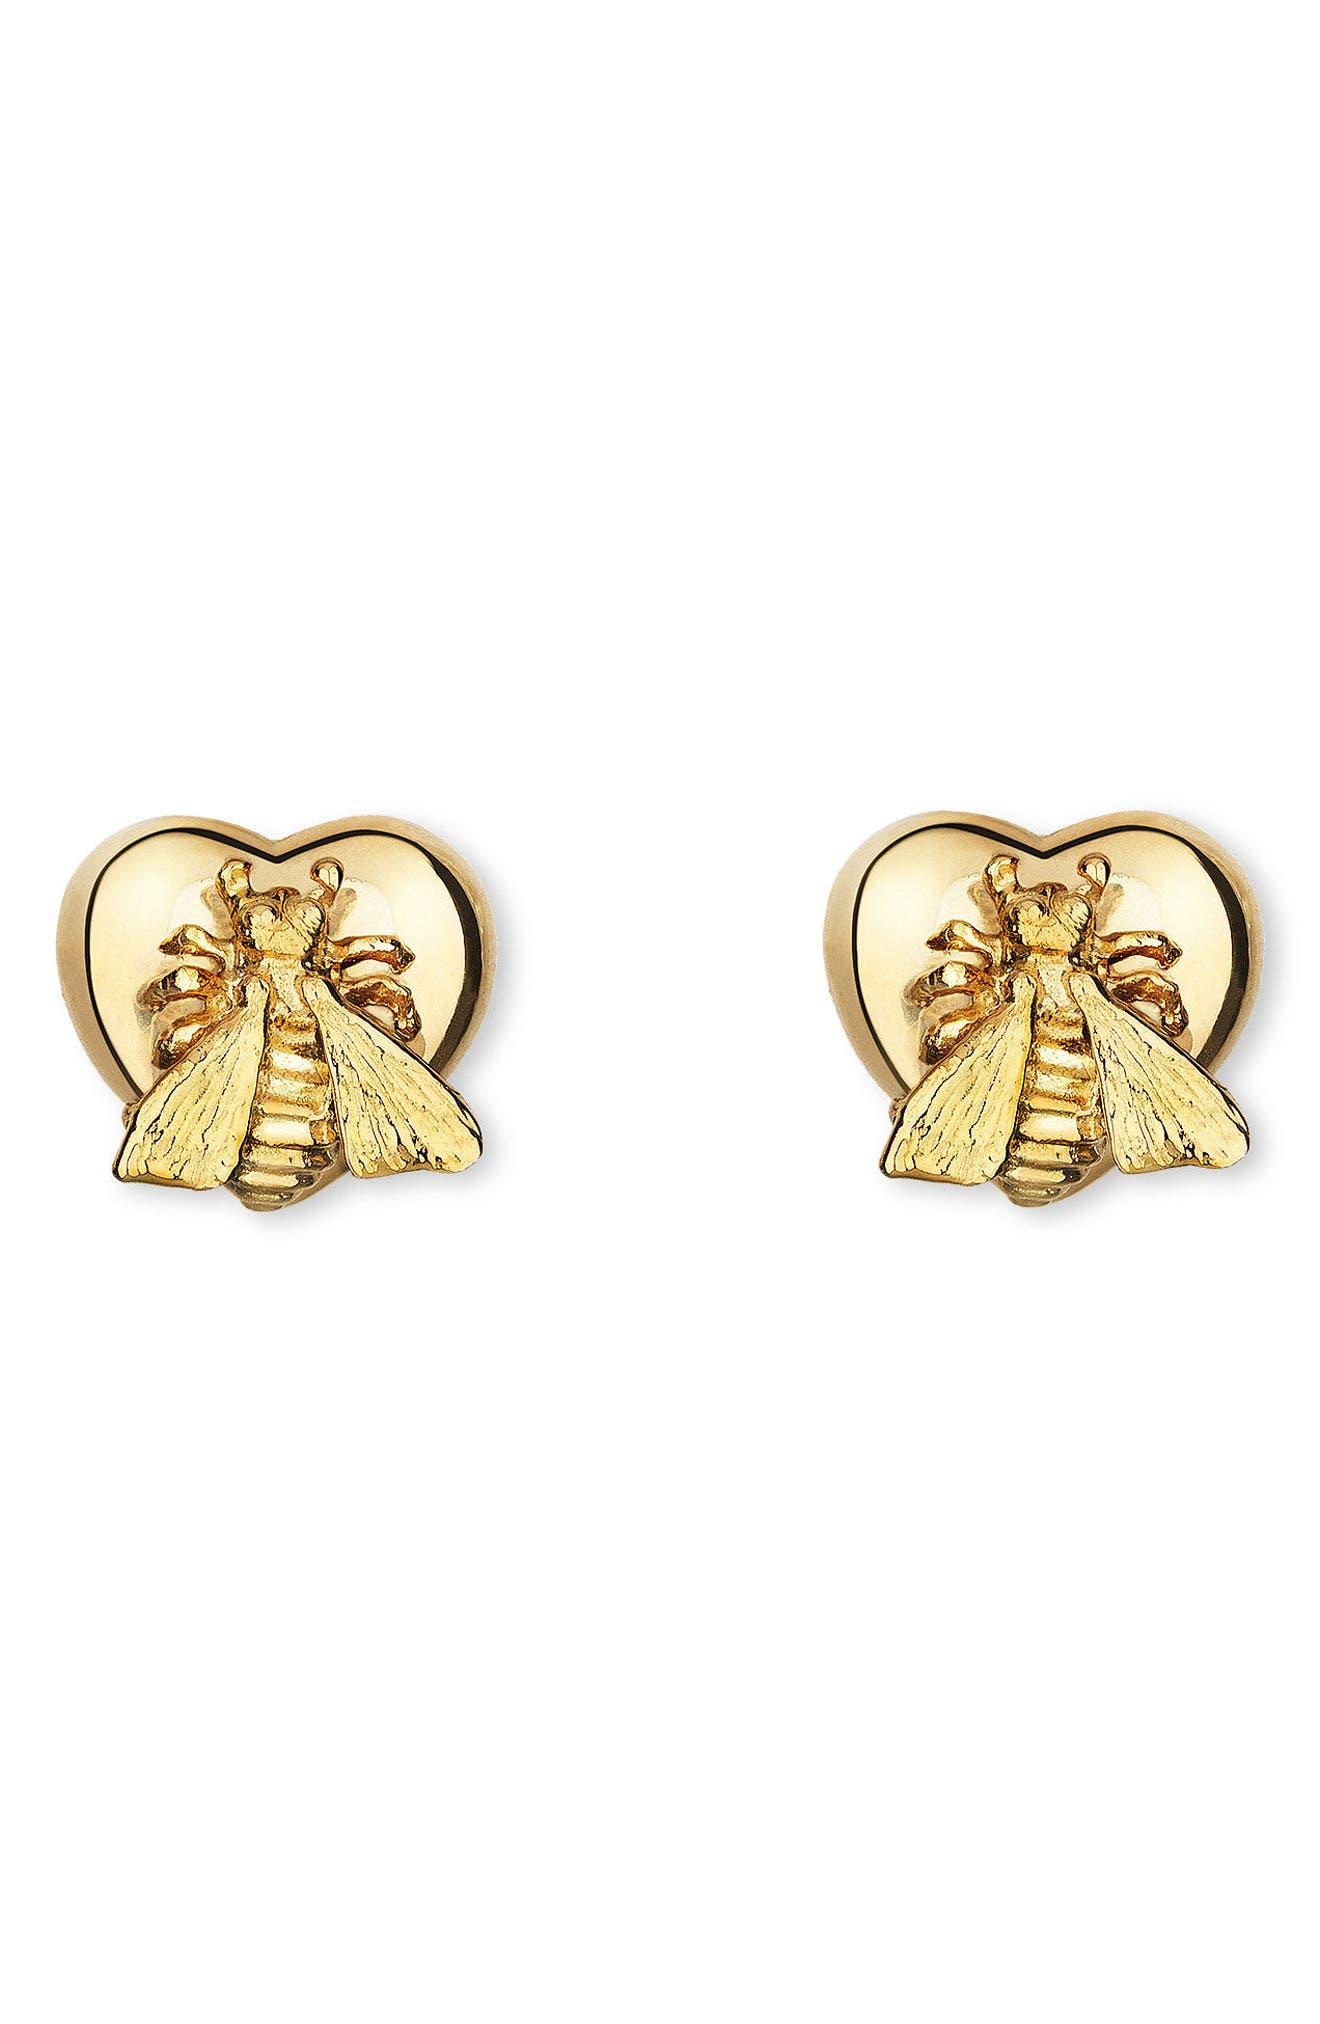 GUCCI Le Marché des Merveilles Stud Earrings